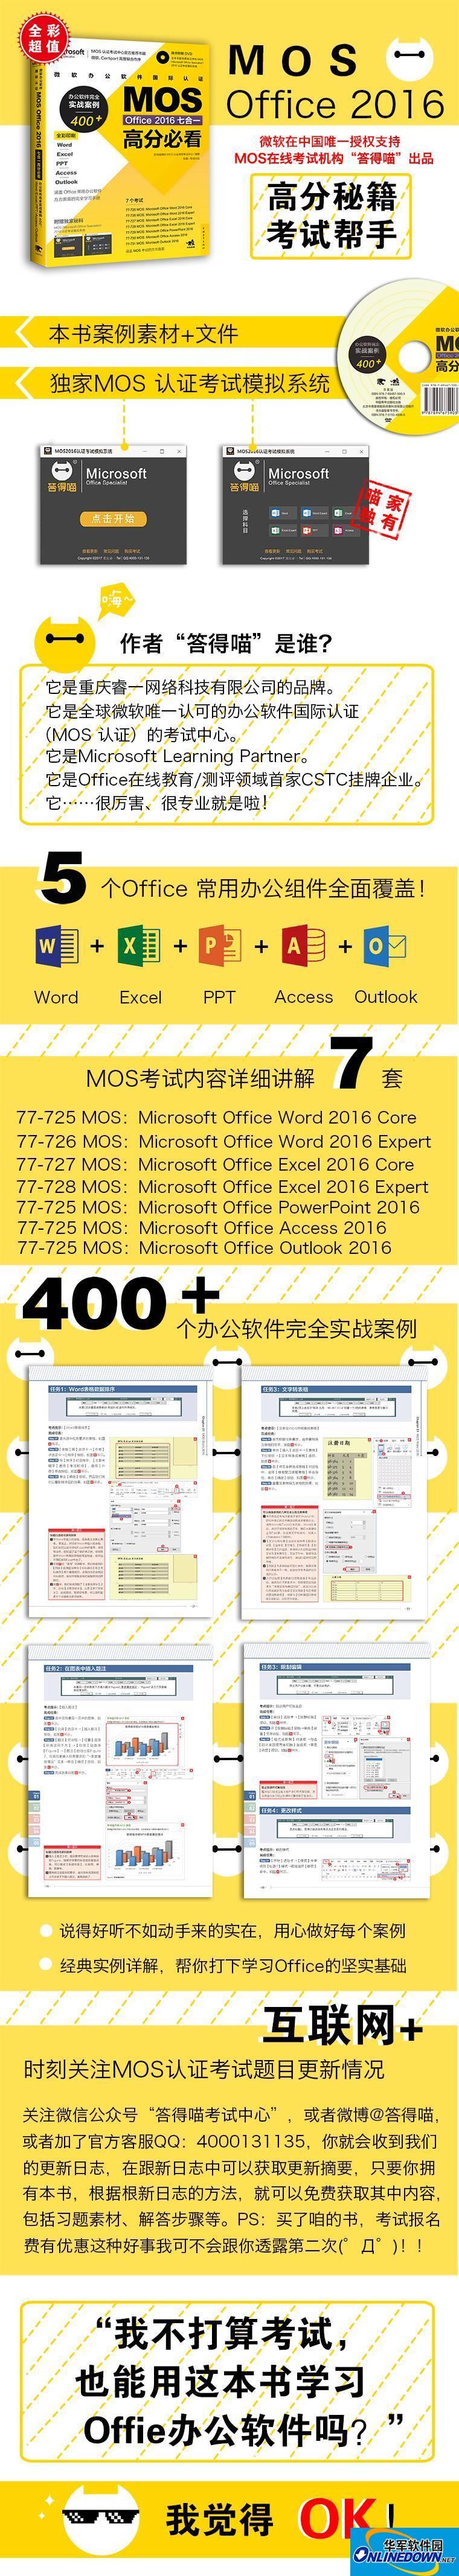 新书 | 微软办公软件国际认证MOS Office 2016七合一高分必看